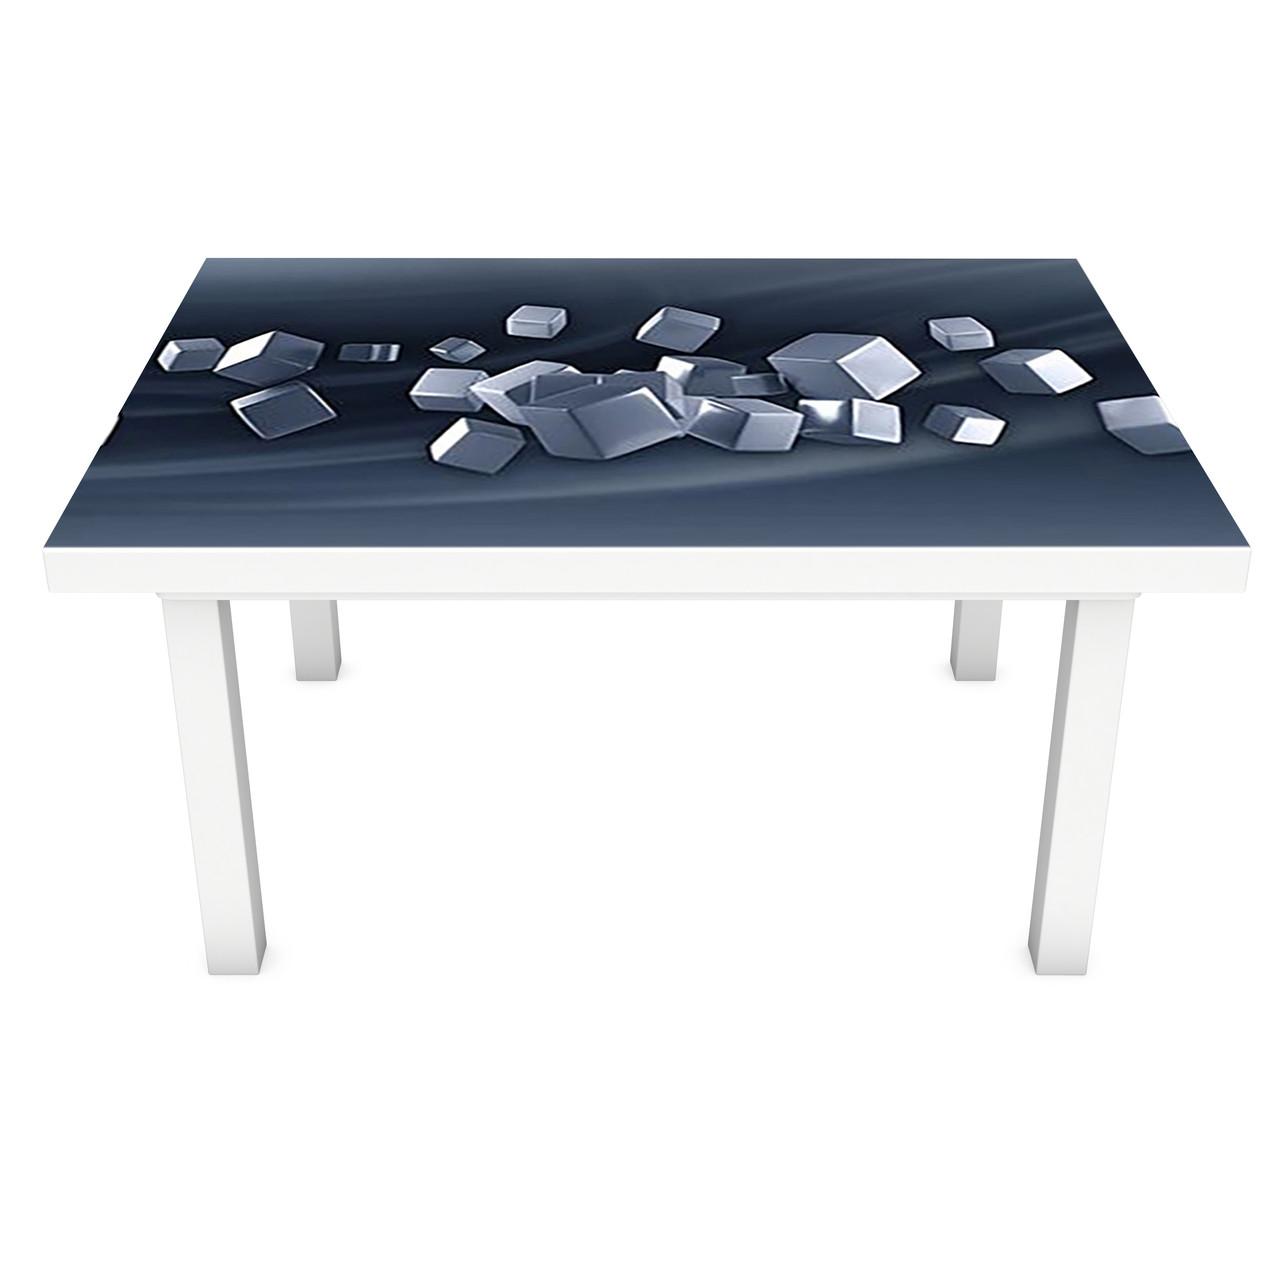 Наклейка на стол Стальные кубы (3Д виниловая пленка ПВХ) геометрия Абстракция Серый 600*1200 мм